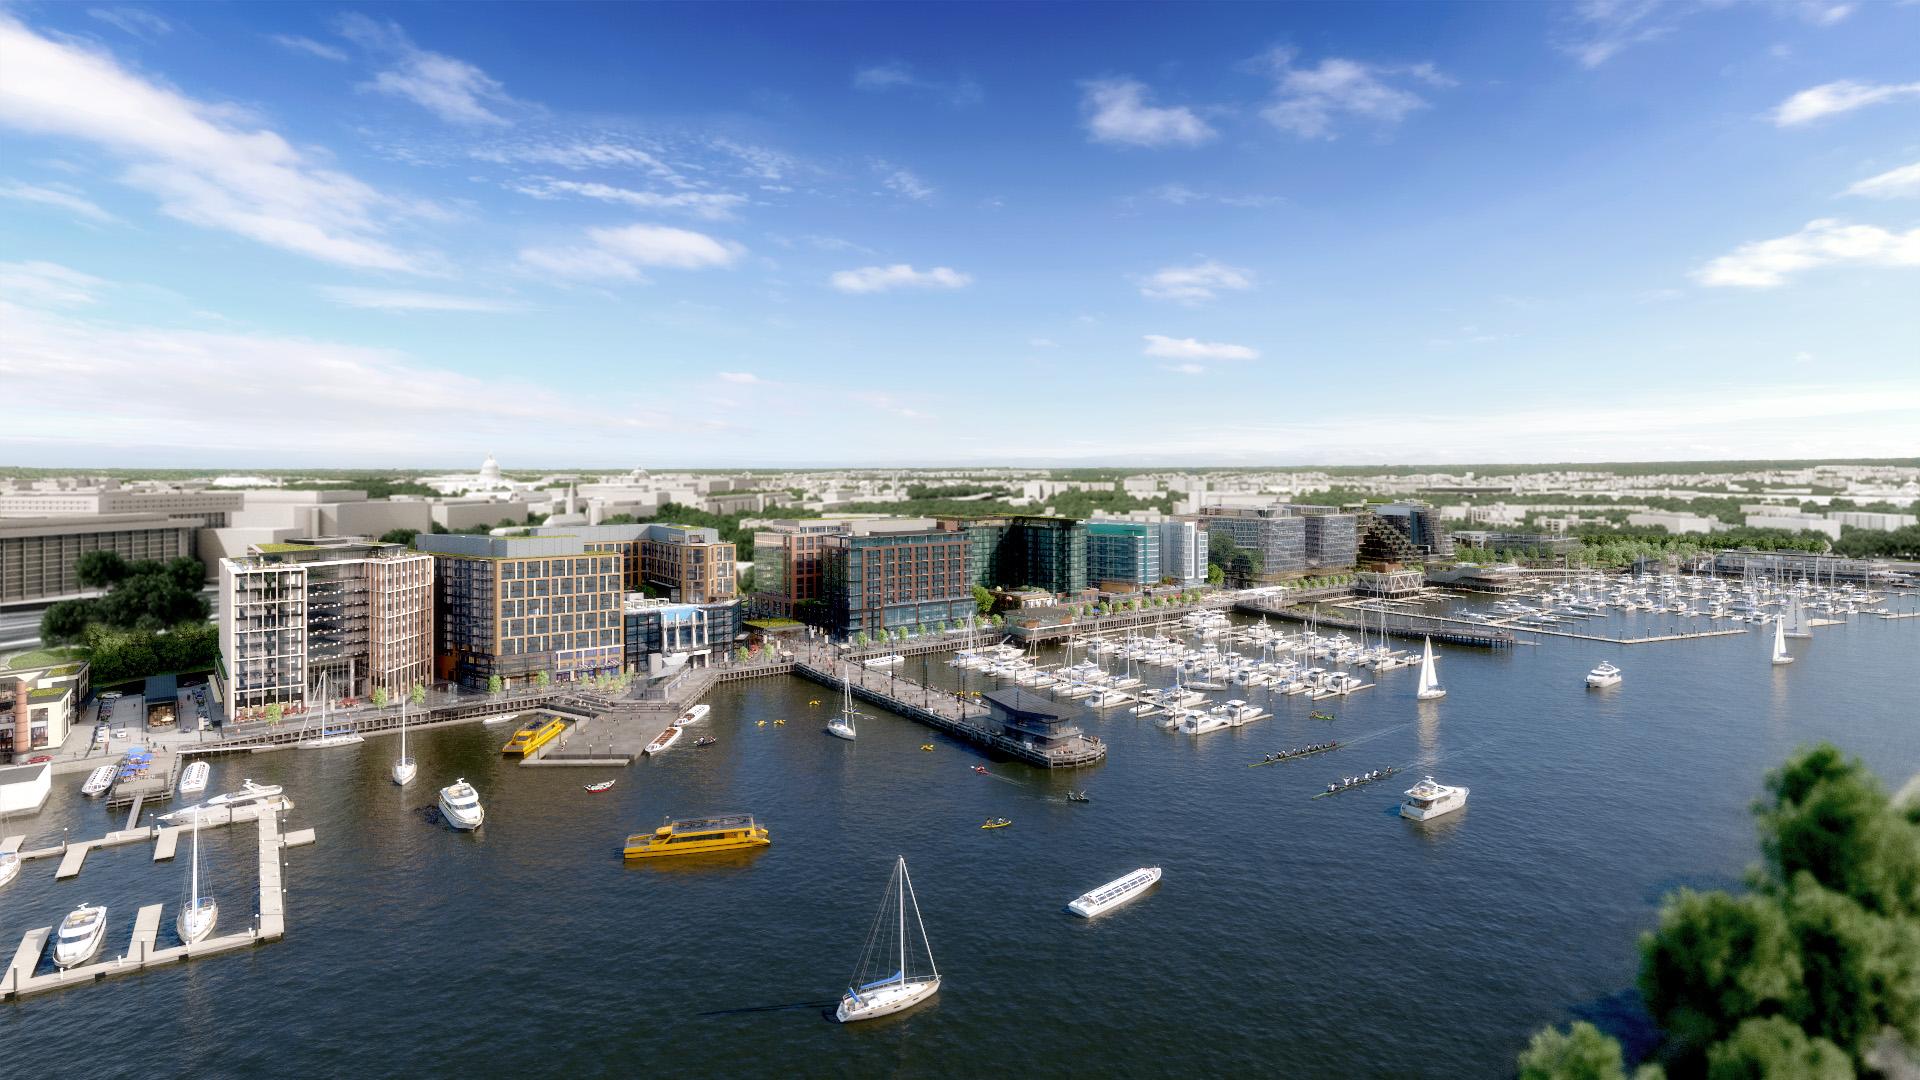 Wharf - Aerial